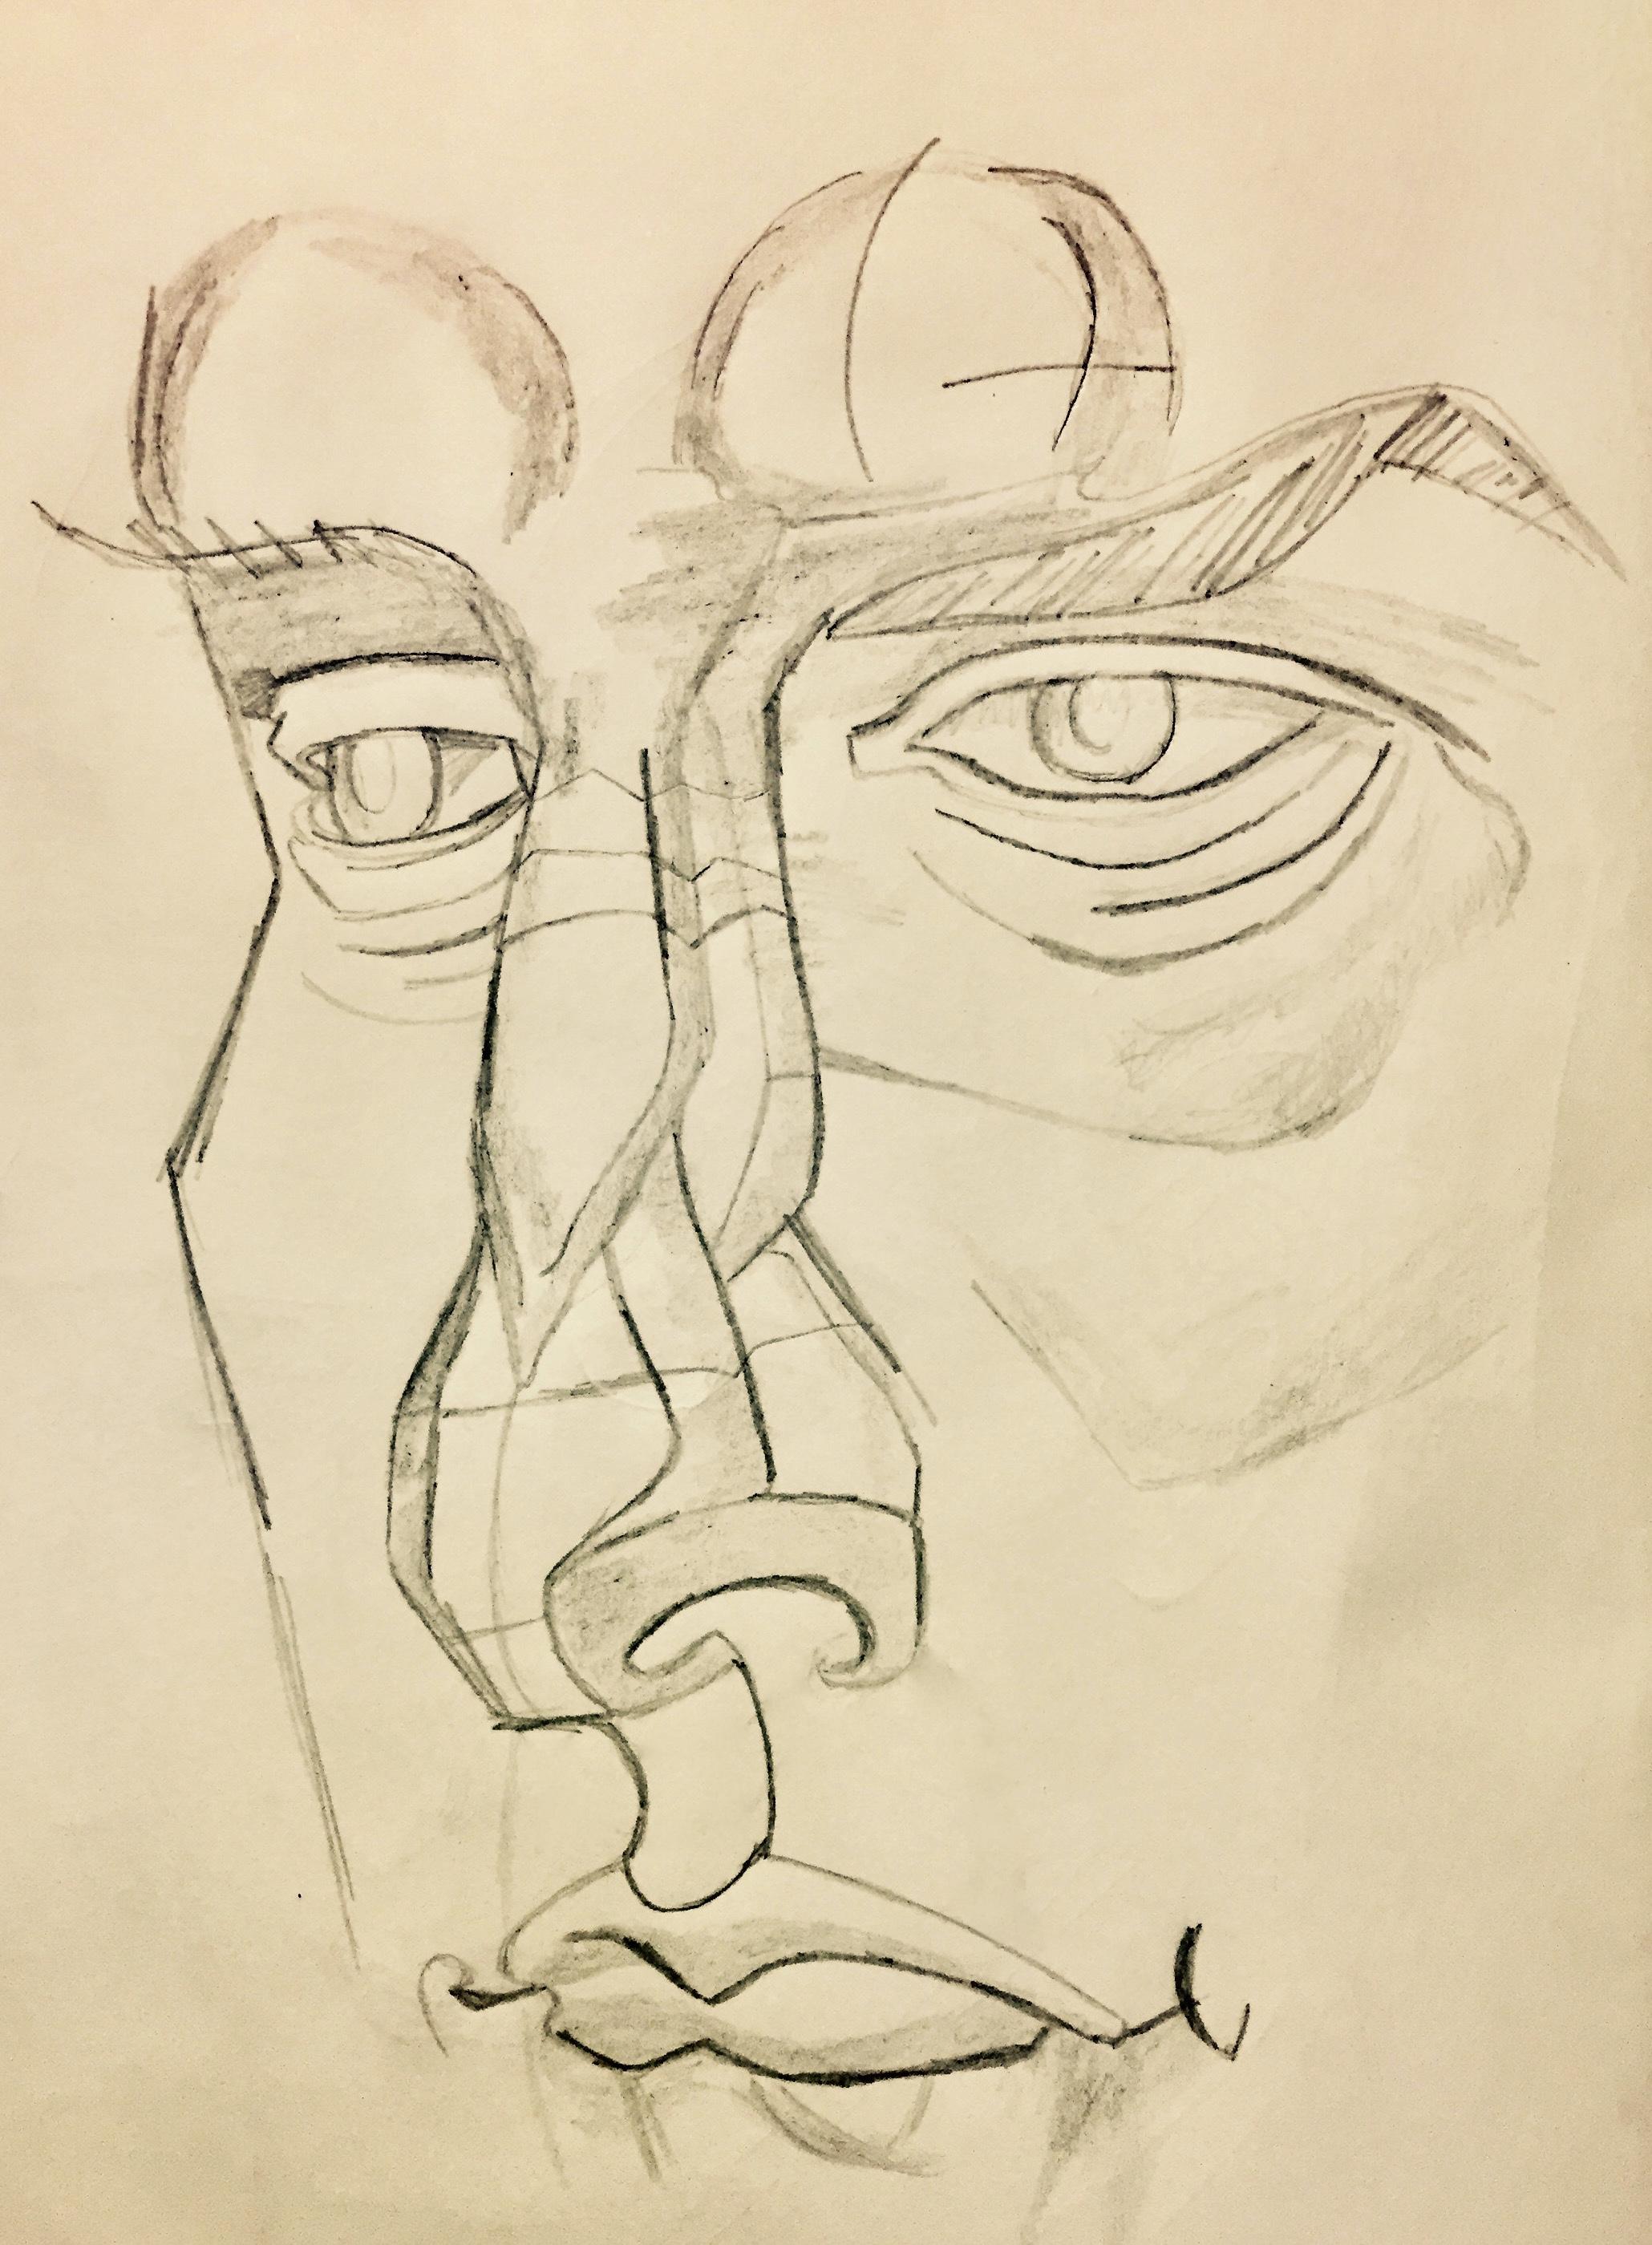 Drawing and Imaging: Sketchbook Anatomy Studies/Heads